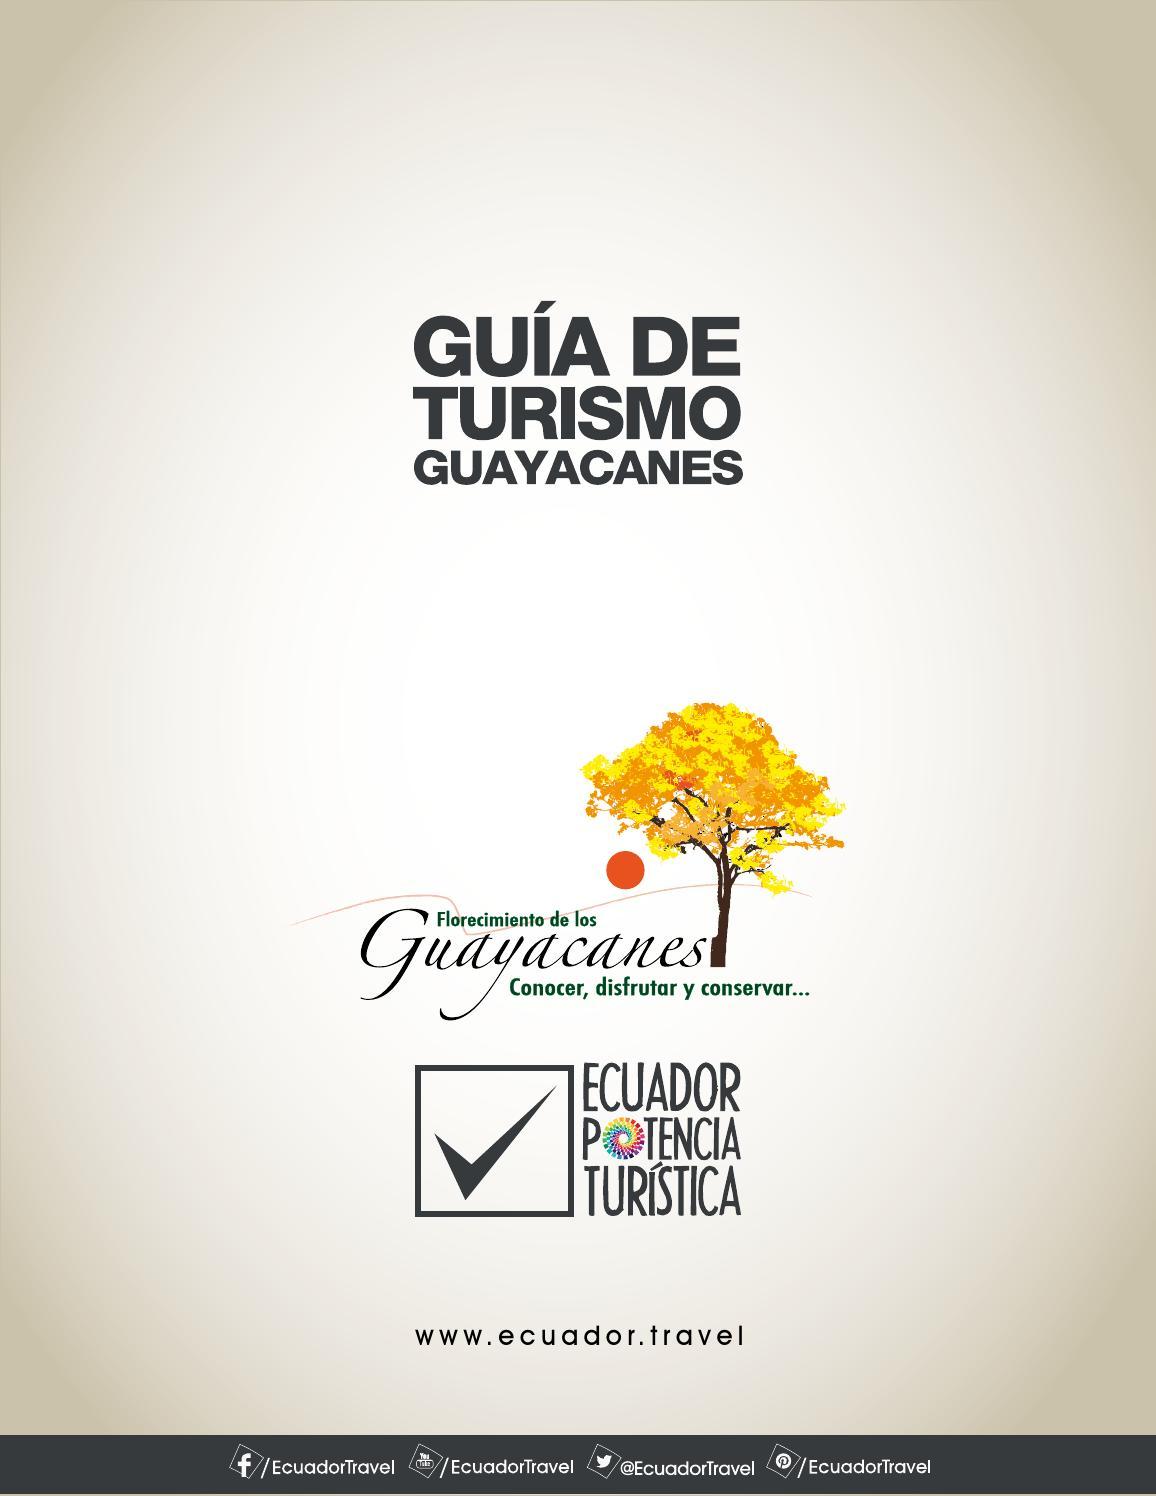 Guia guayacanes